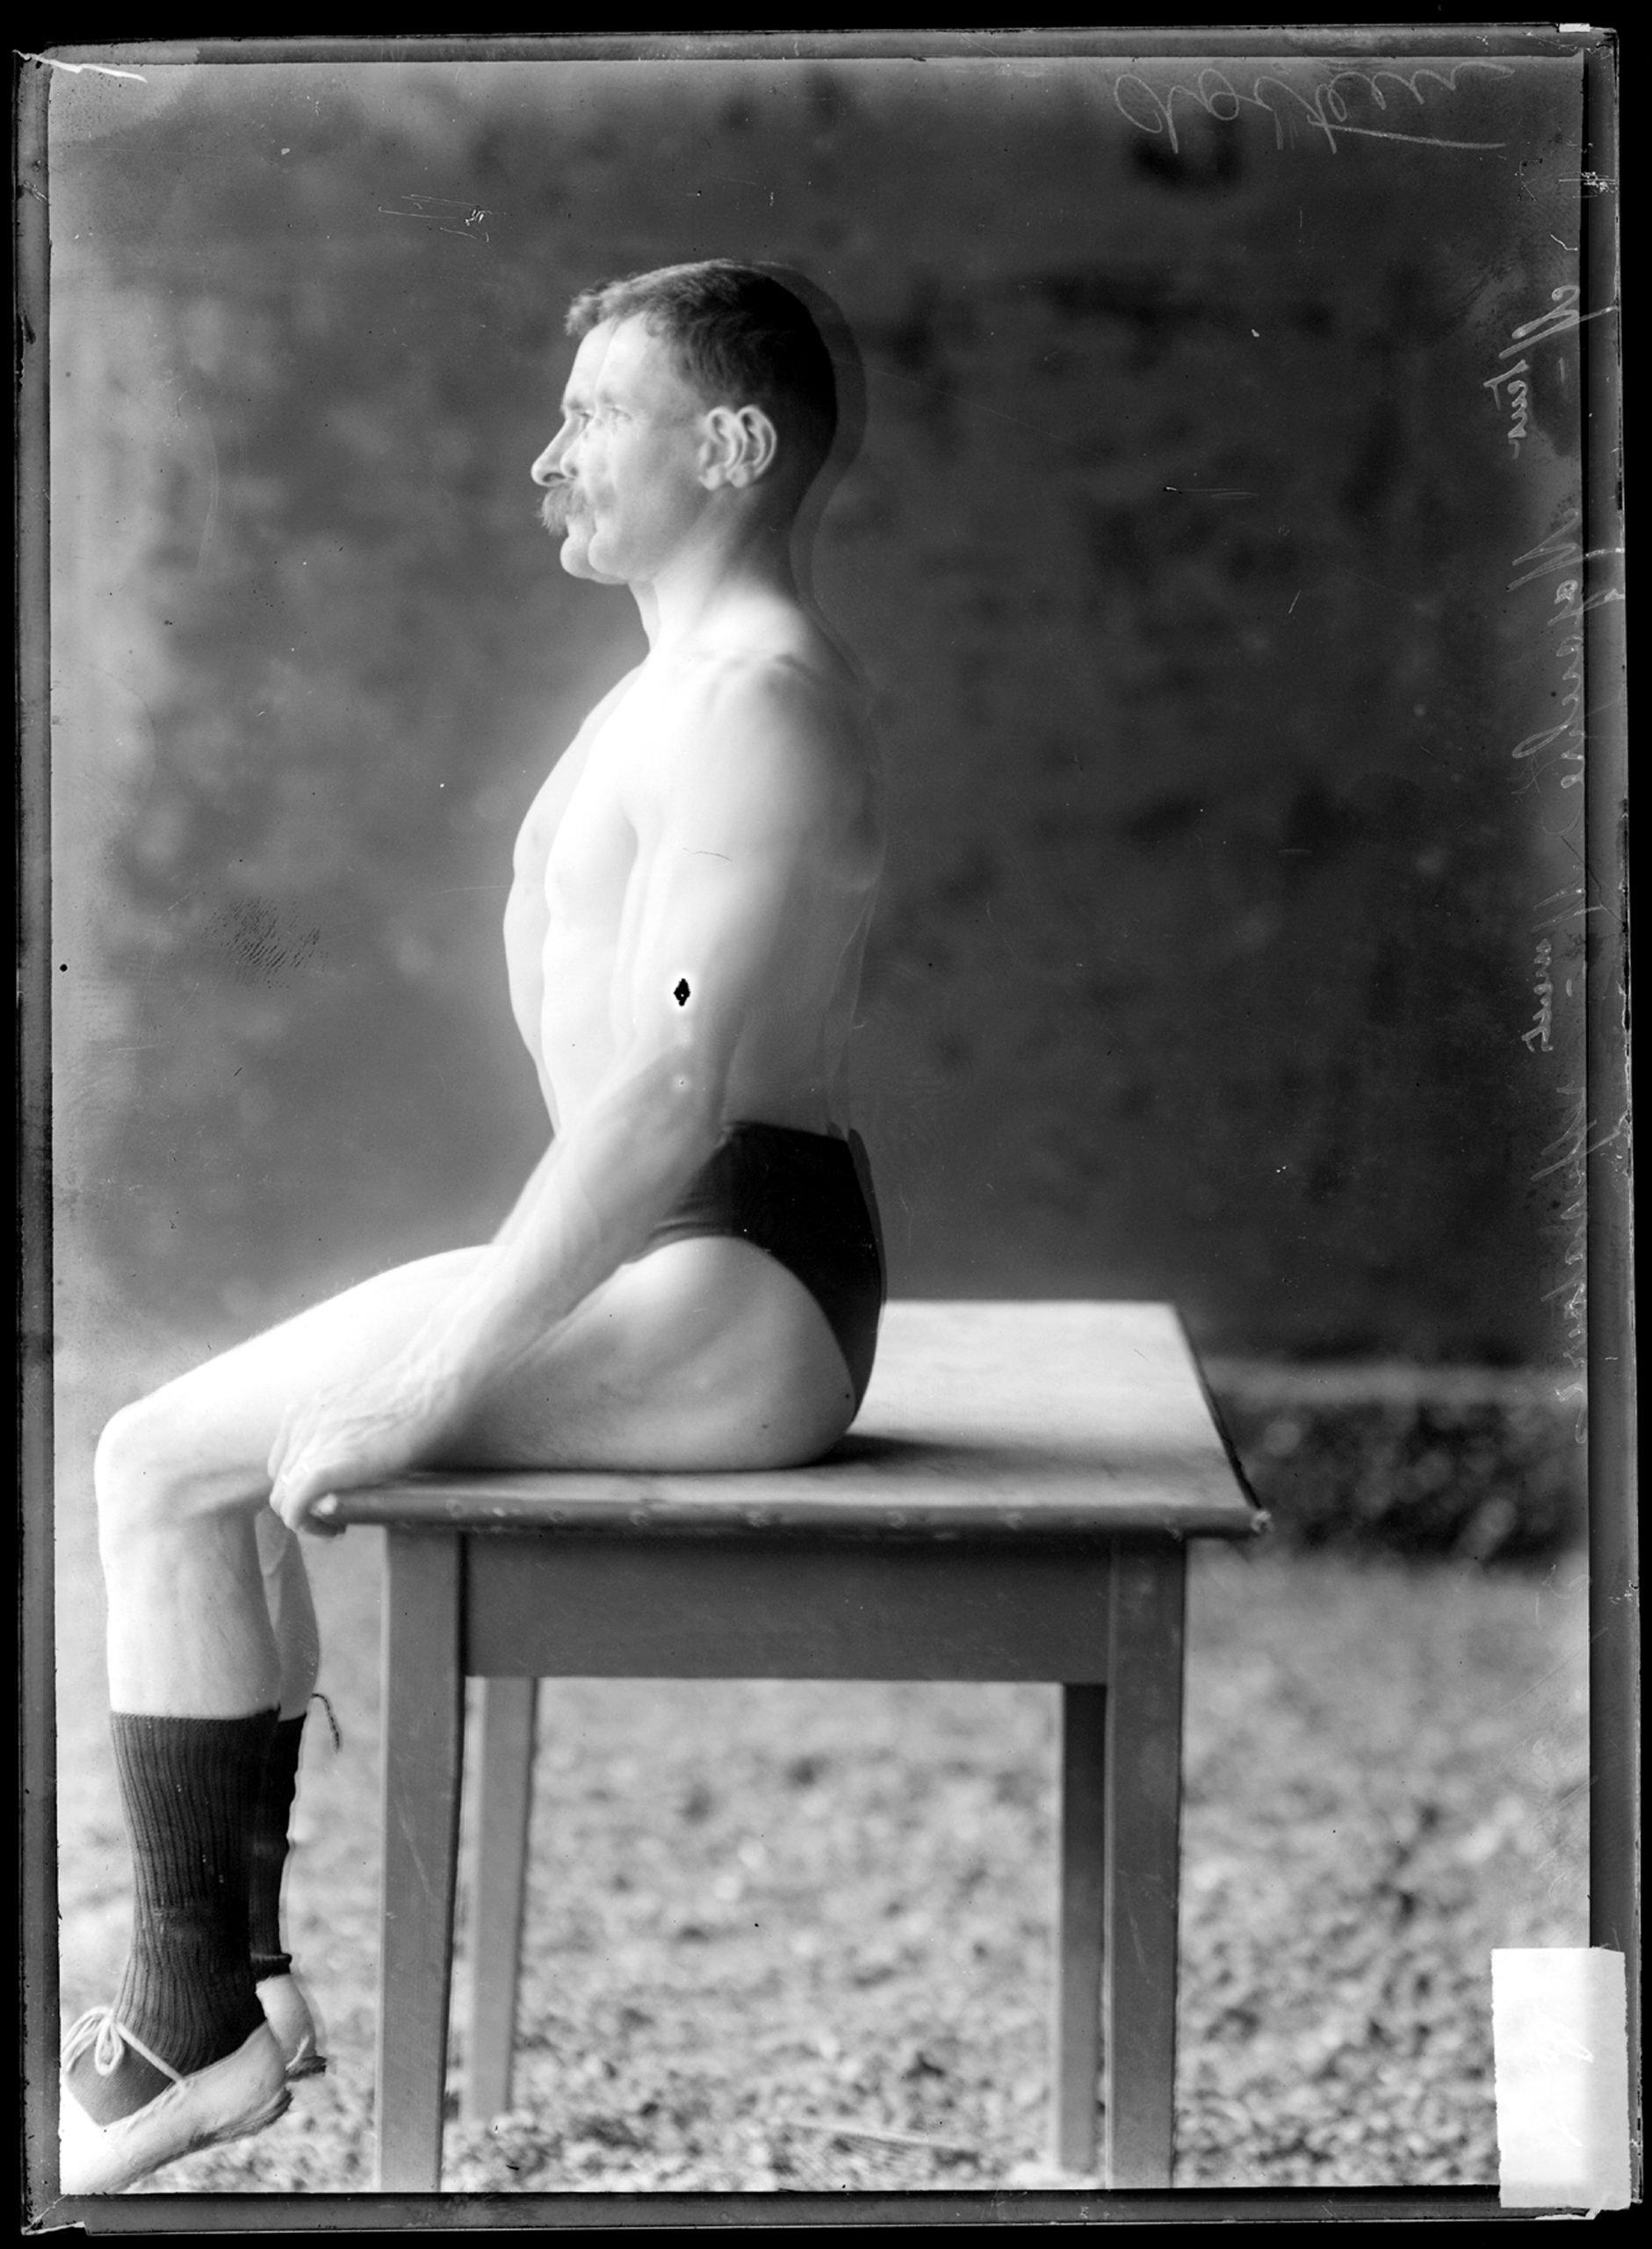 Un homme assis de profil en train de respirer.